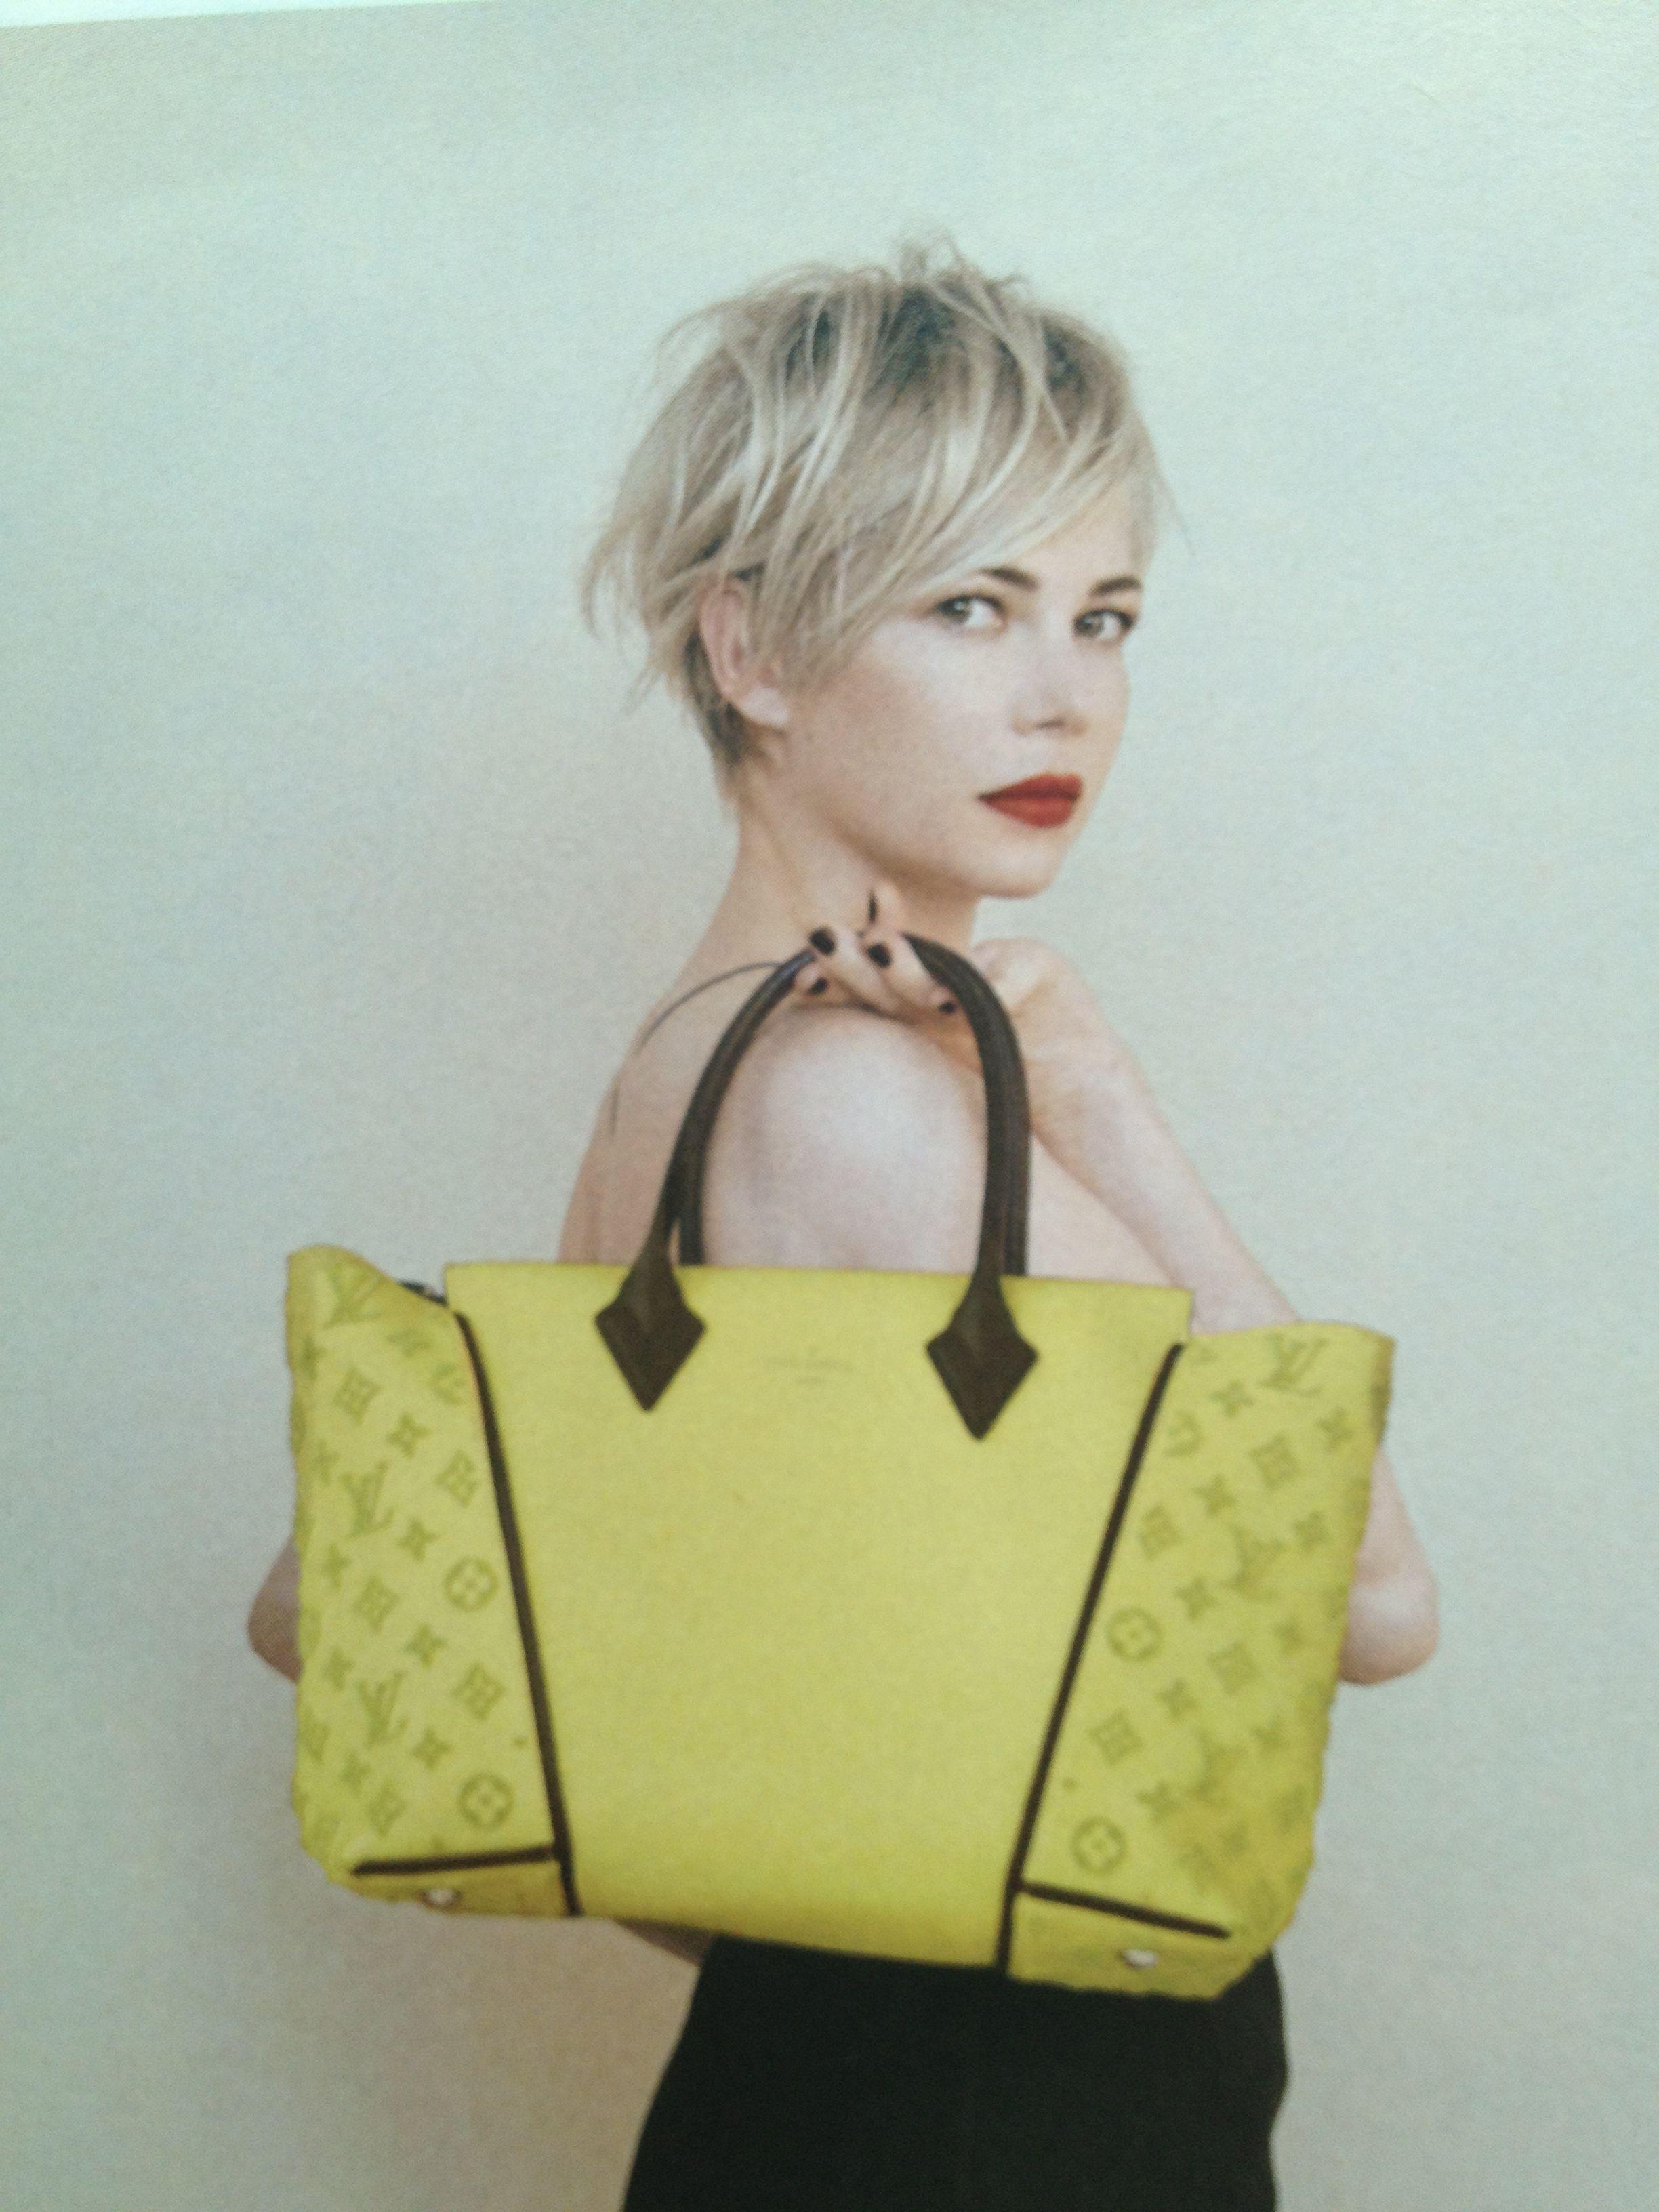 Michelle Williams Louis Vuitton ad.  Beautiful hair!